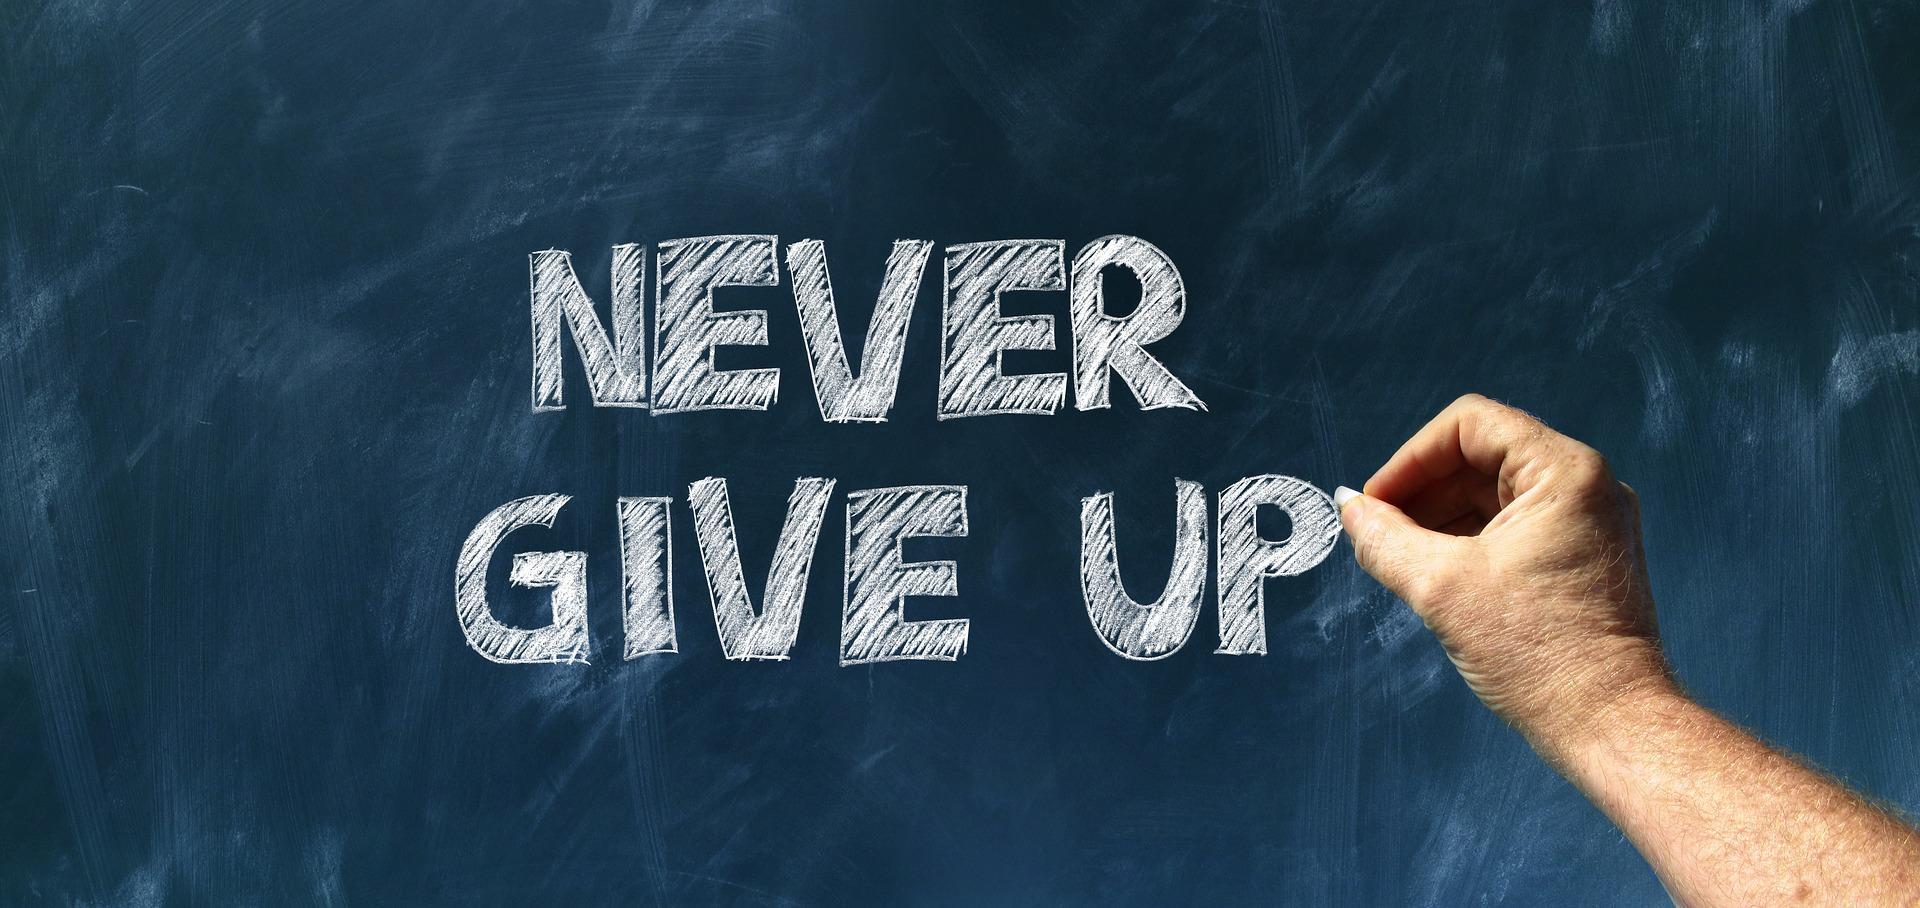 La patience et la persévérance sont les clés de votre réussite